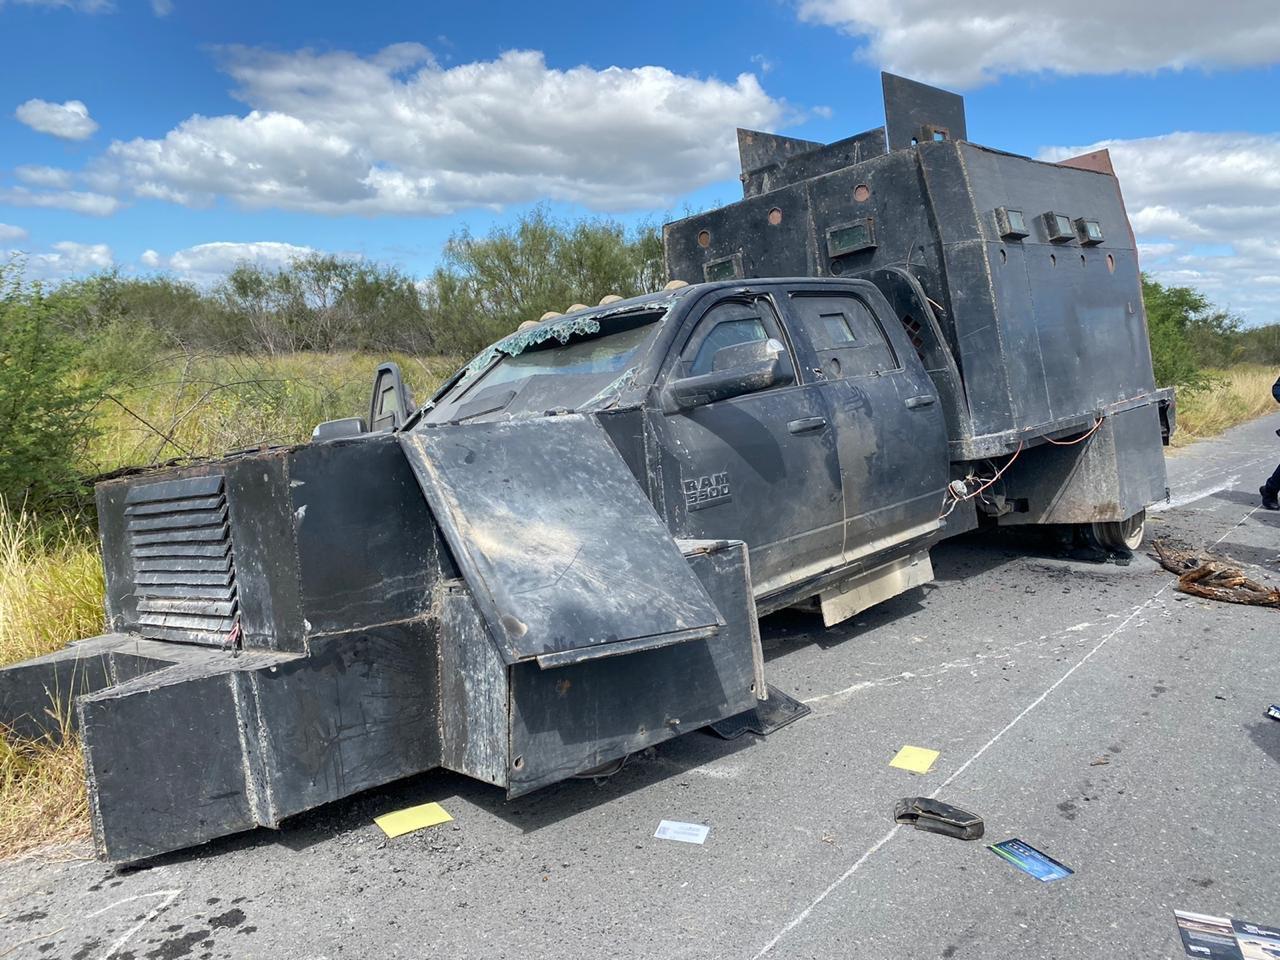 Vehículos Incendiados, Trocas blindadas y Camiones Monstruo baleados, estas son las imágenes de la batalla entre el Cártel del Noreste y el Cártel del Golfo hoy en Tamaulipas